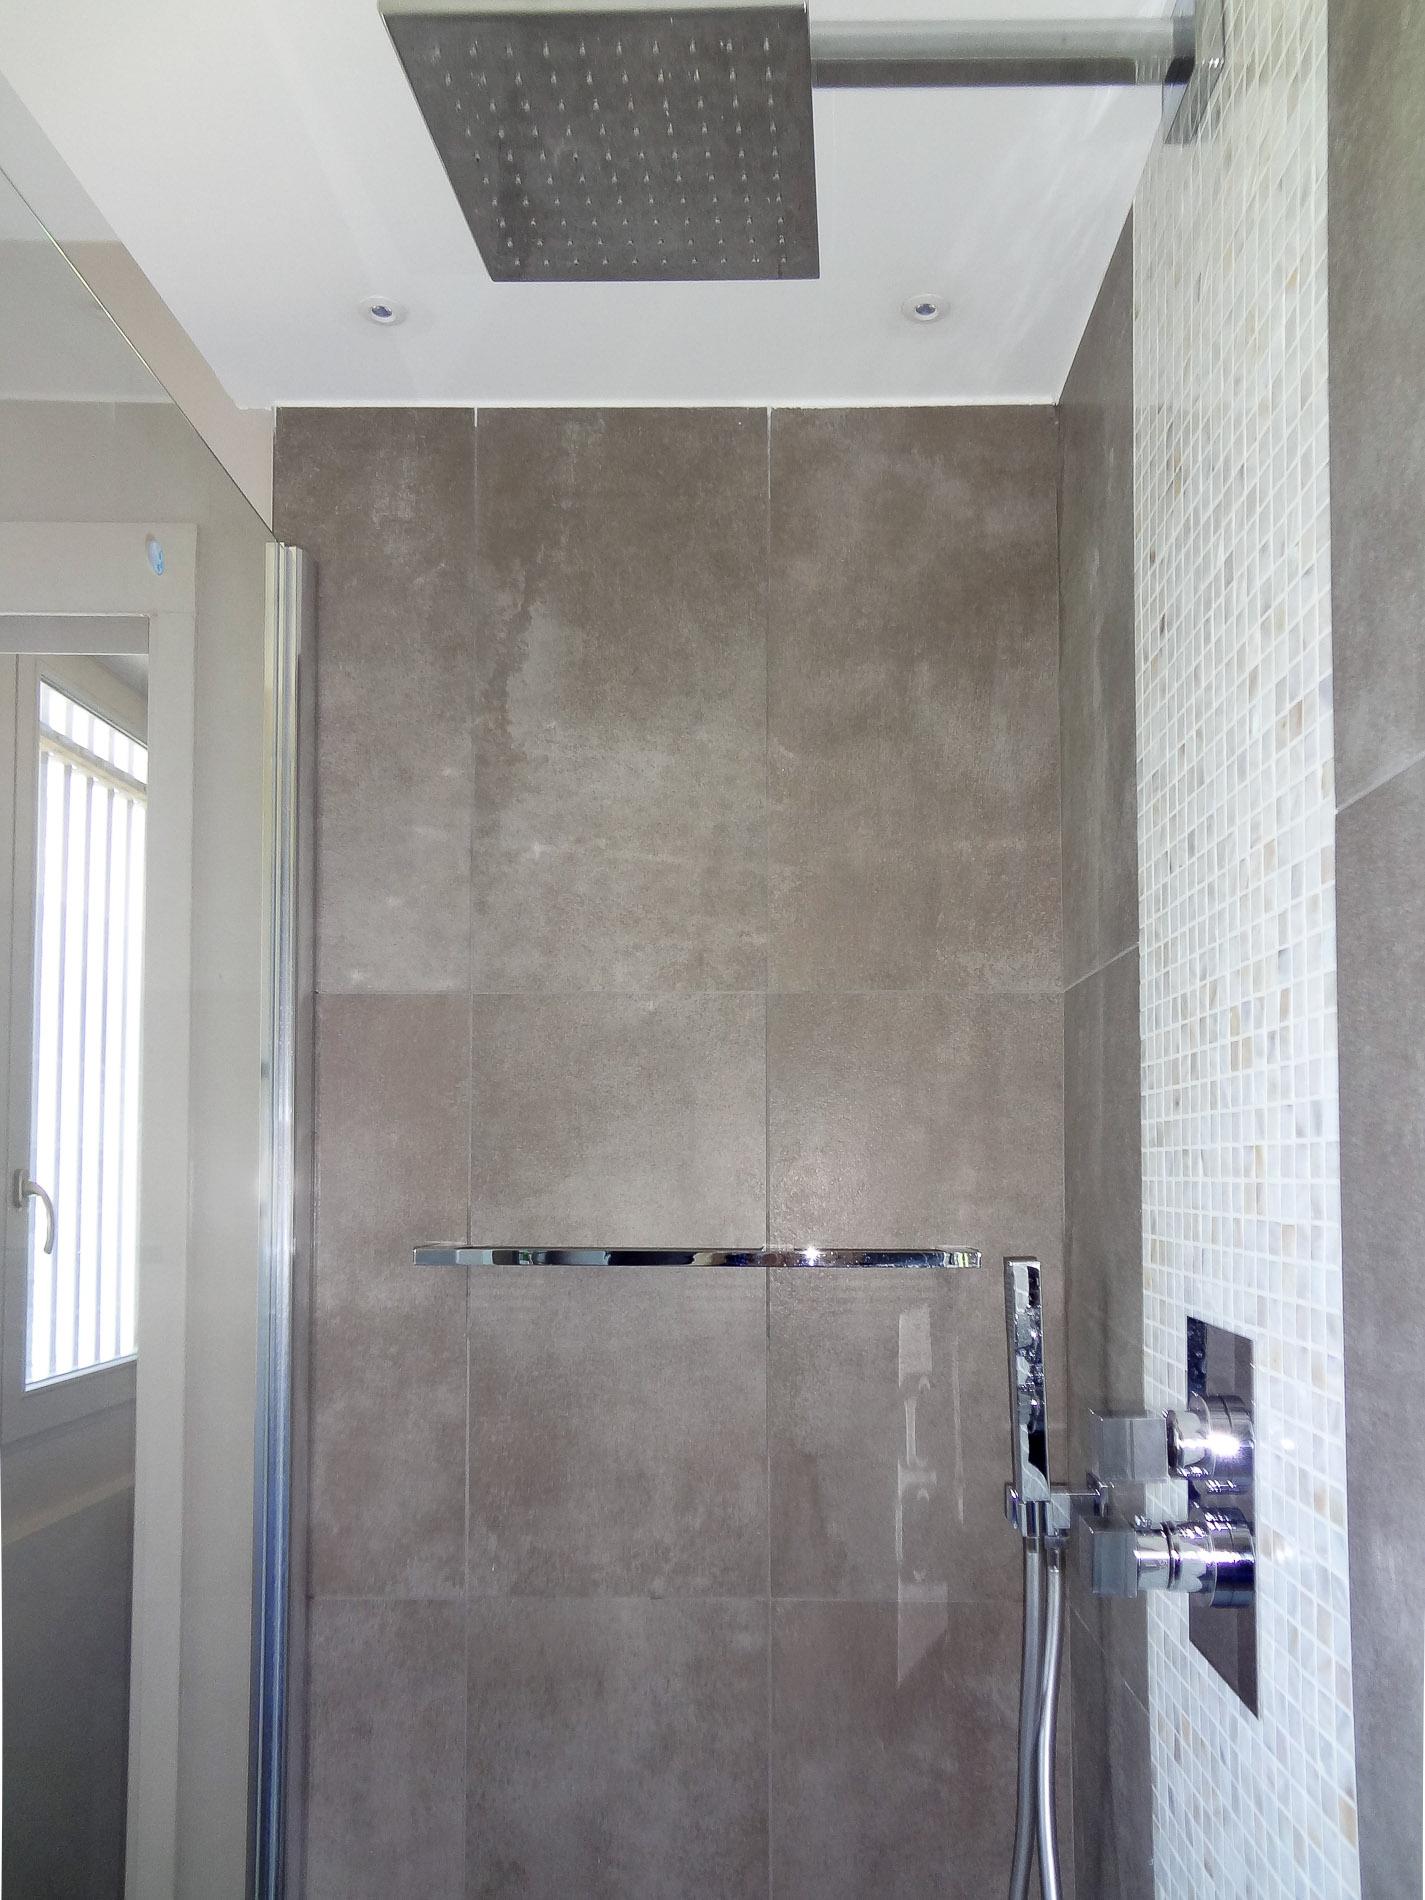 Chantier appartement lyon 9 architecture d 39 int rieurs salle de bain meuble vasque design - Meuble de salle de bain lyon ...